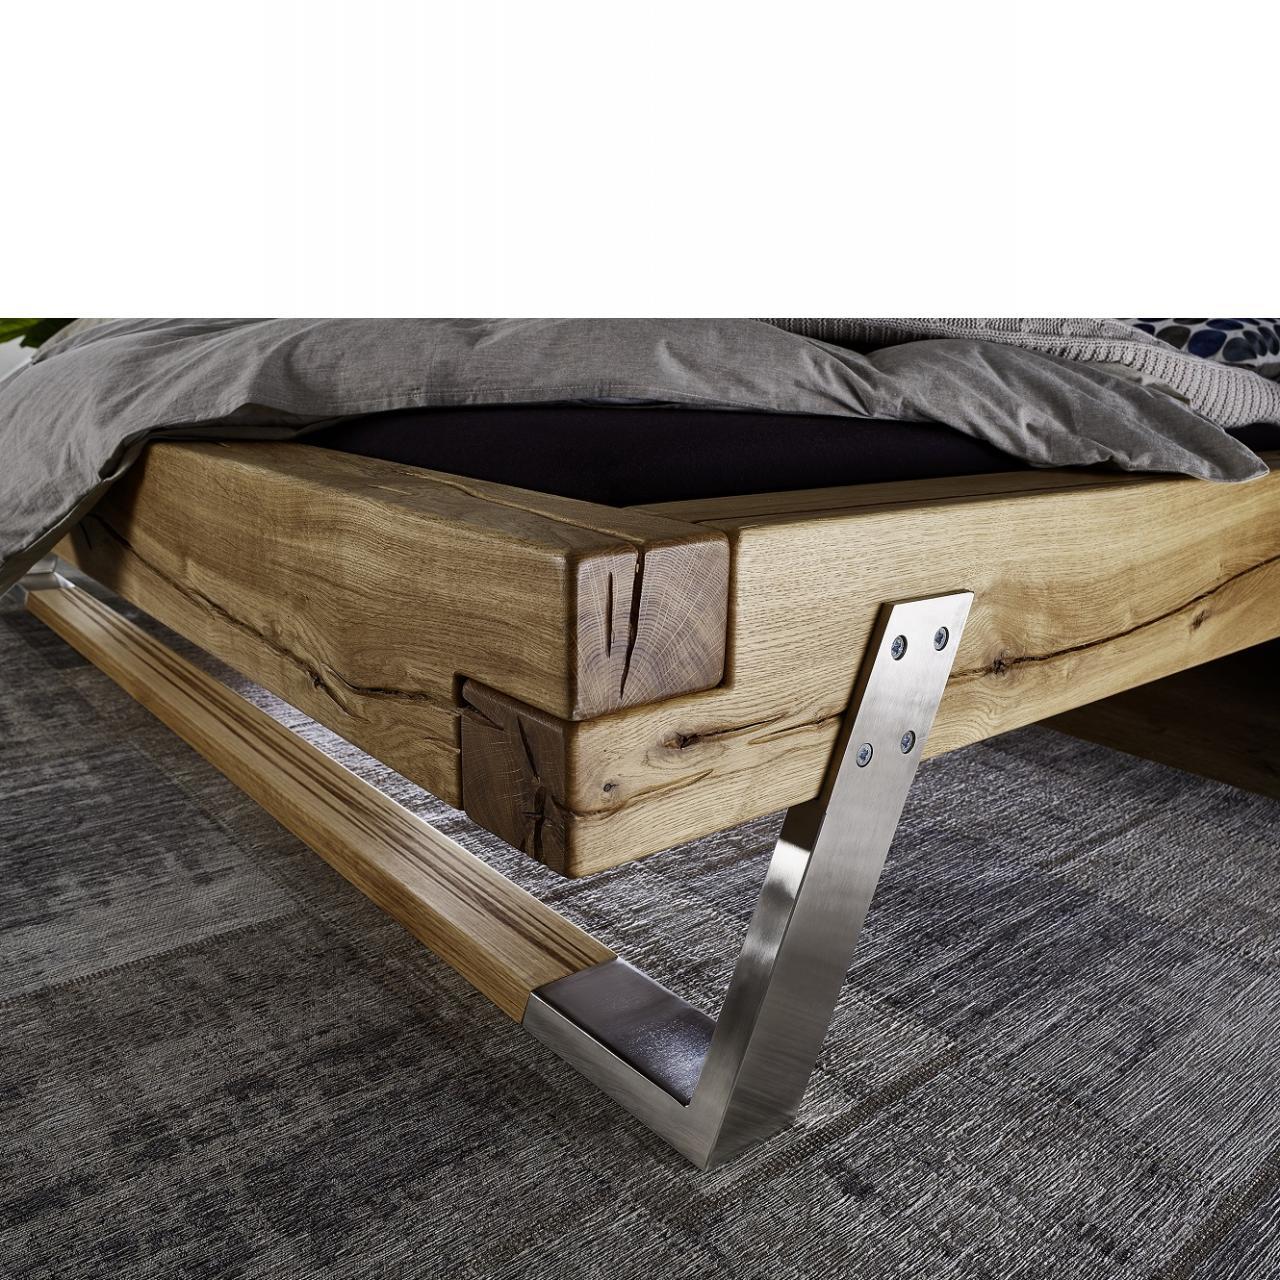 Full Size of Bett Massiv 180x200 Balkenbett Be 0278 Wildeiche Cm Mbel Jhnichen Weiß 140x200 Betten Kaufen Hamburg 90x190 Boxspring Landhausstil Mit Stauraum 90x200 Bett Bett Massiv 180x200